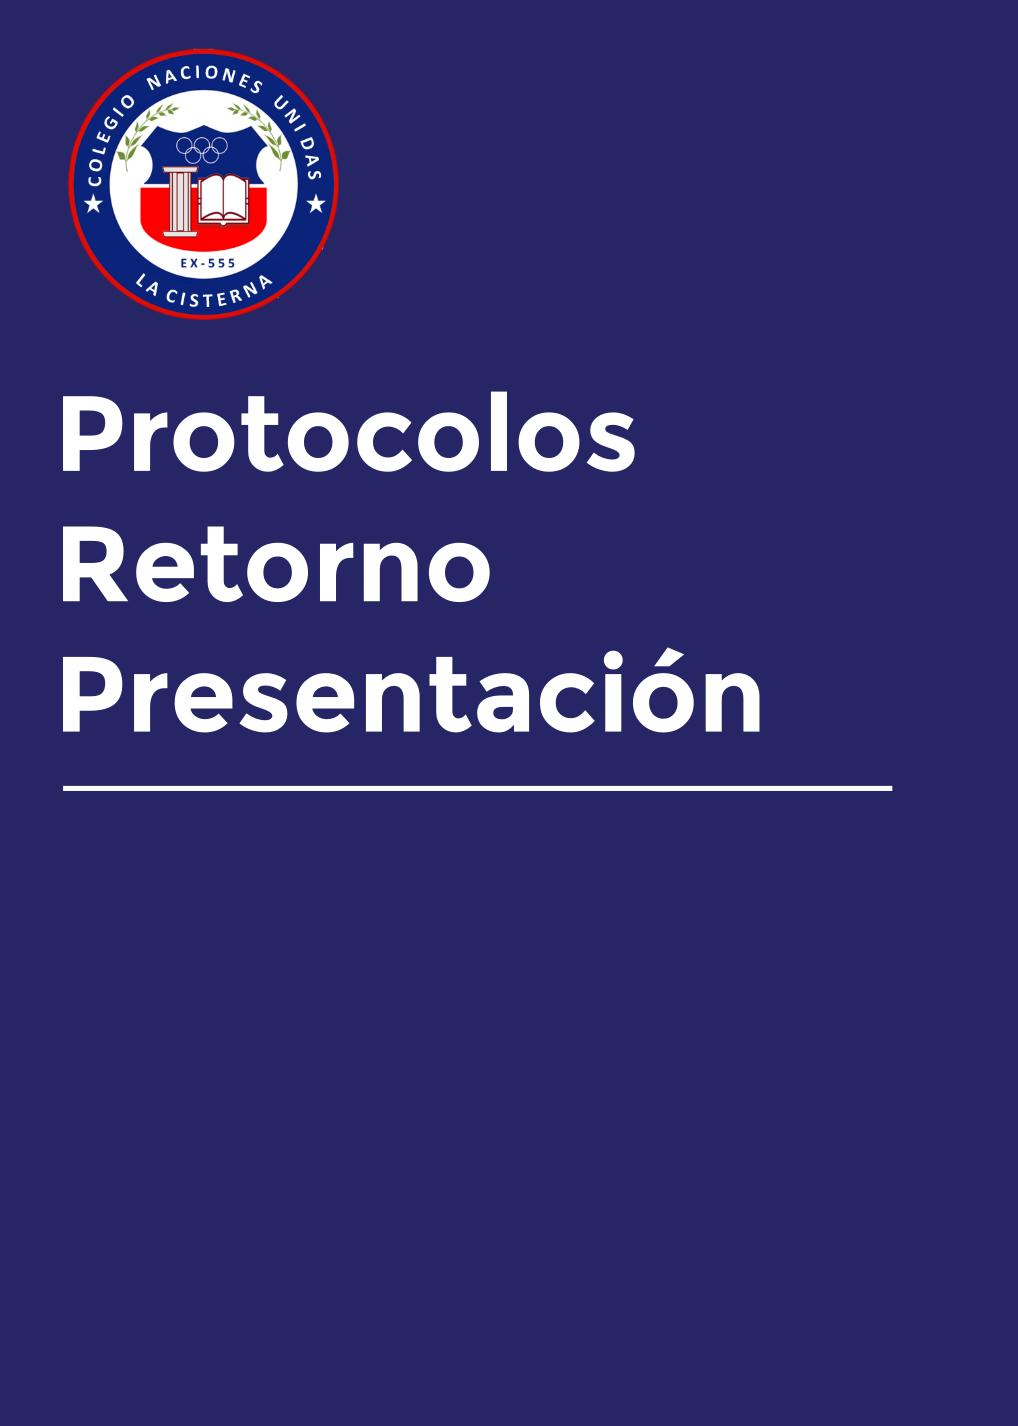 protocolo retorno